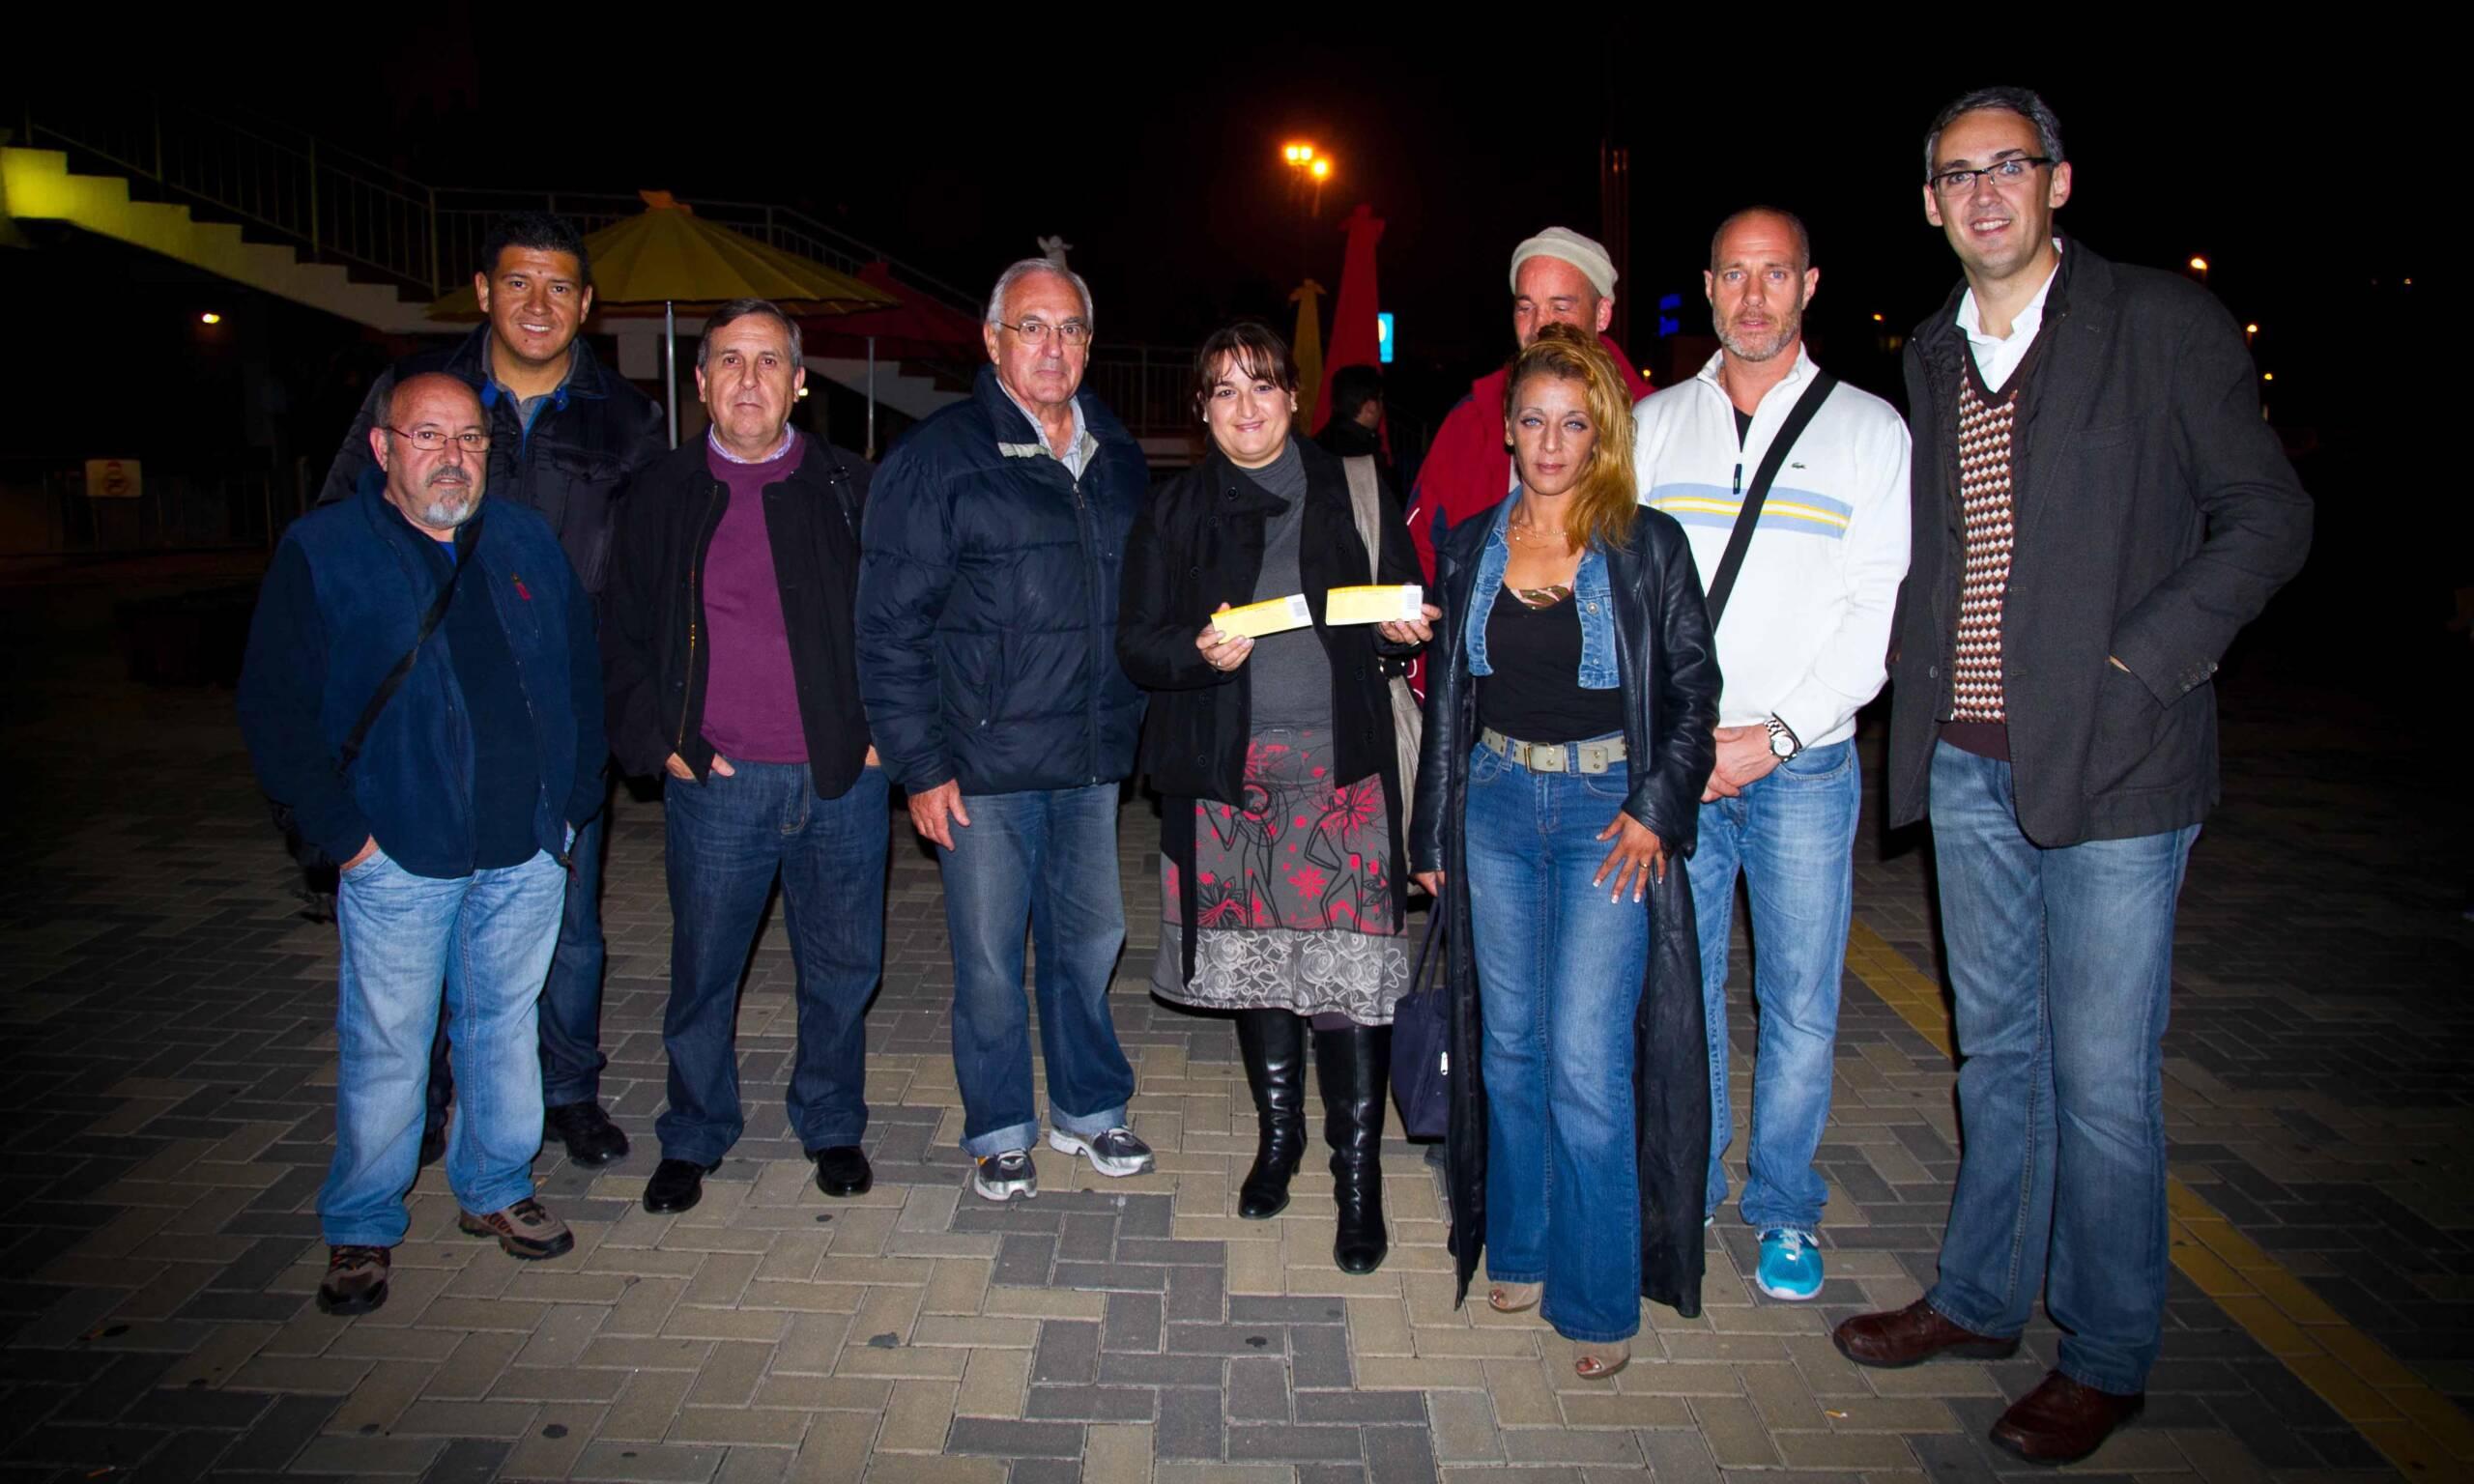 Residentes del CIS acuden al Circo del Sol junto a Málaga Acoge